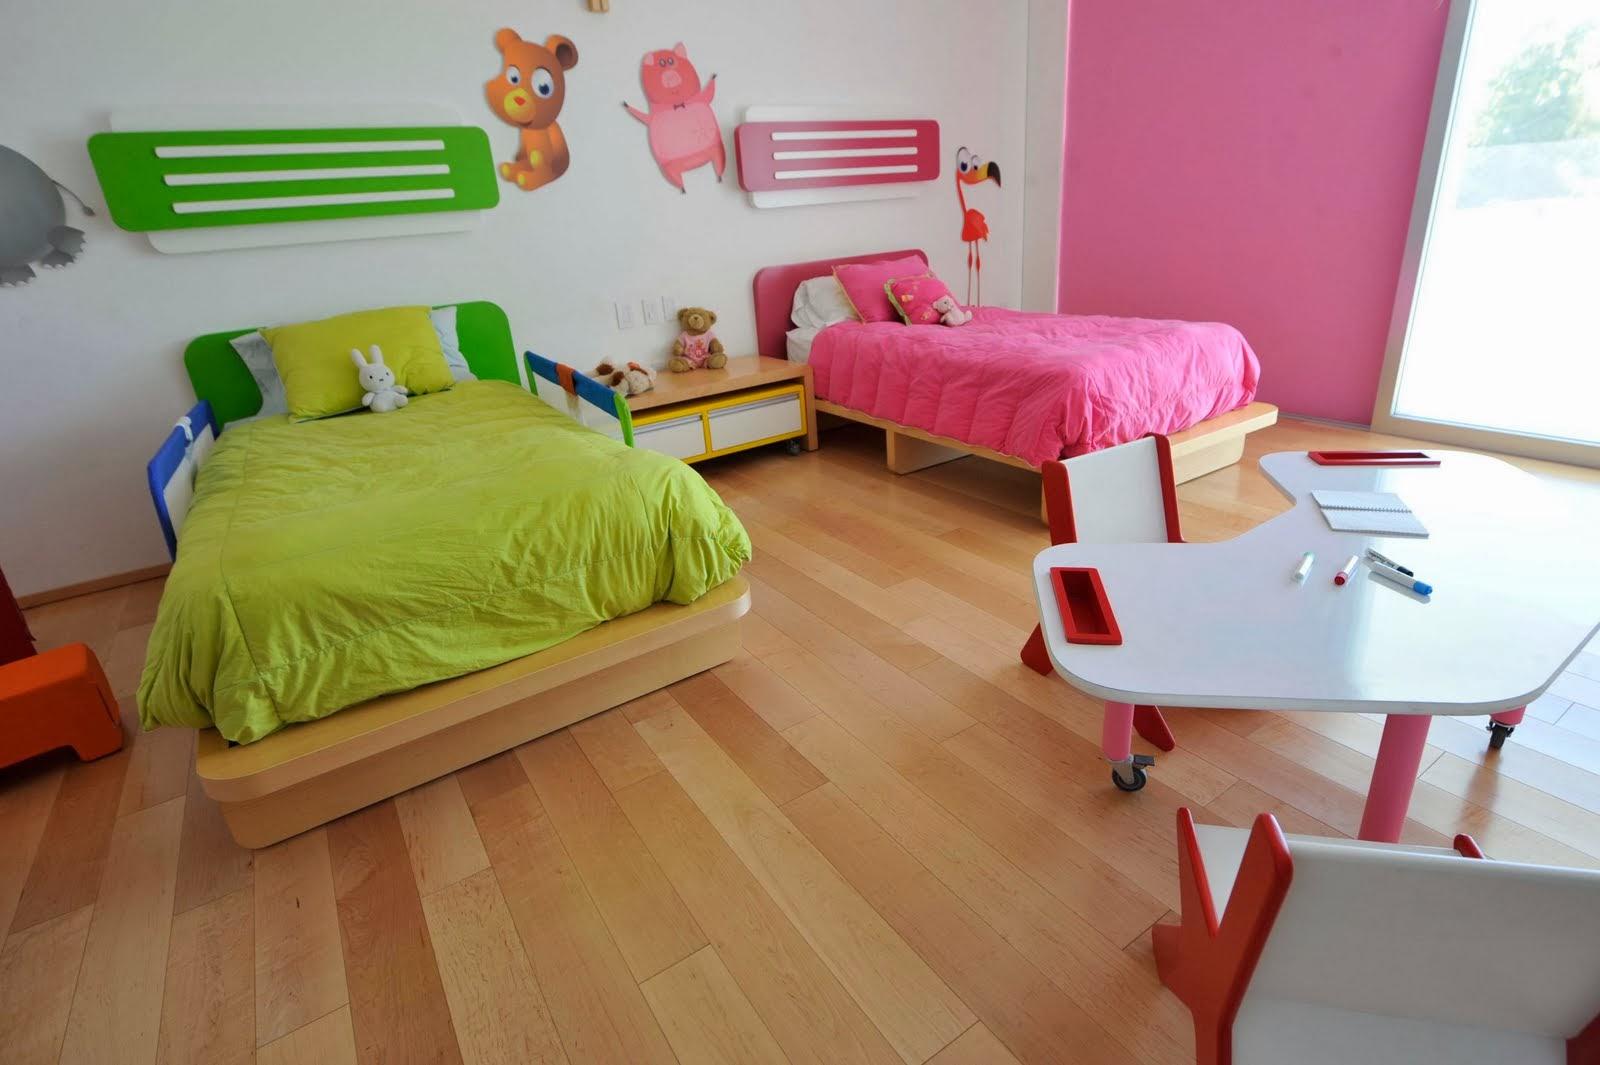 Decoration42: Decoracion Dormitorio Infantil Niña